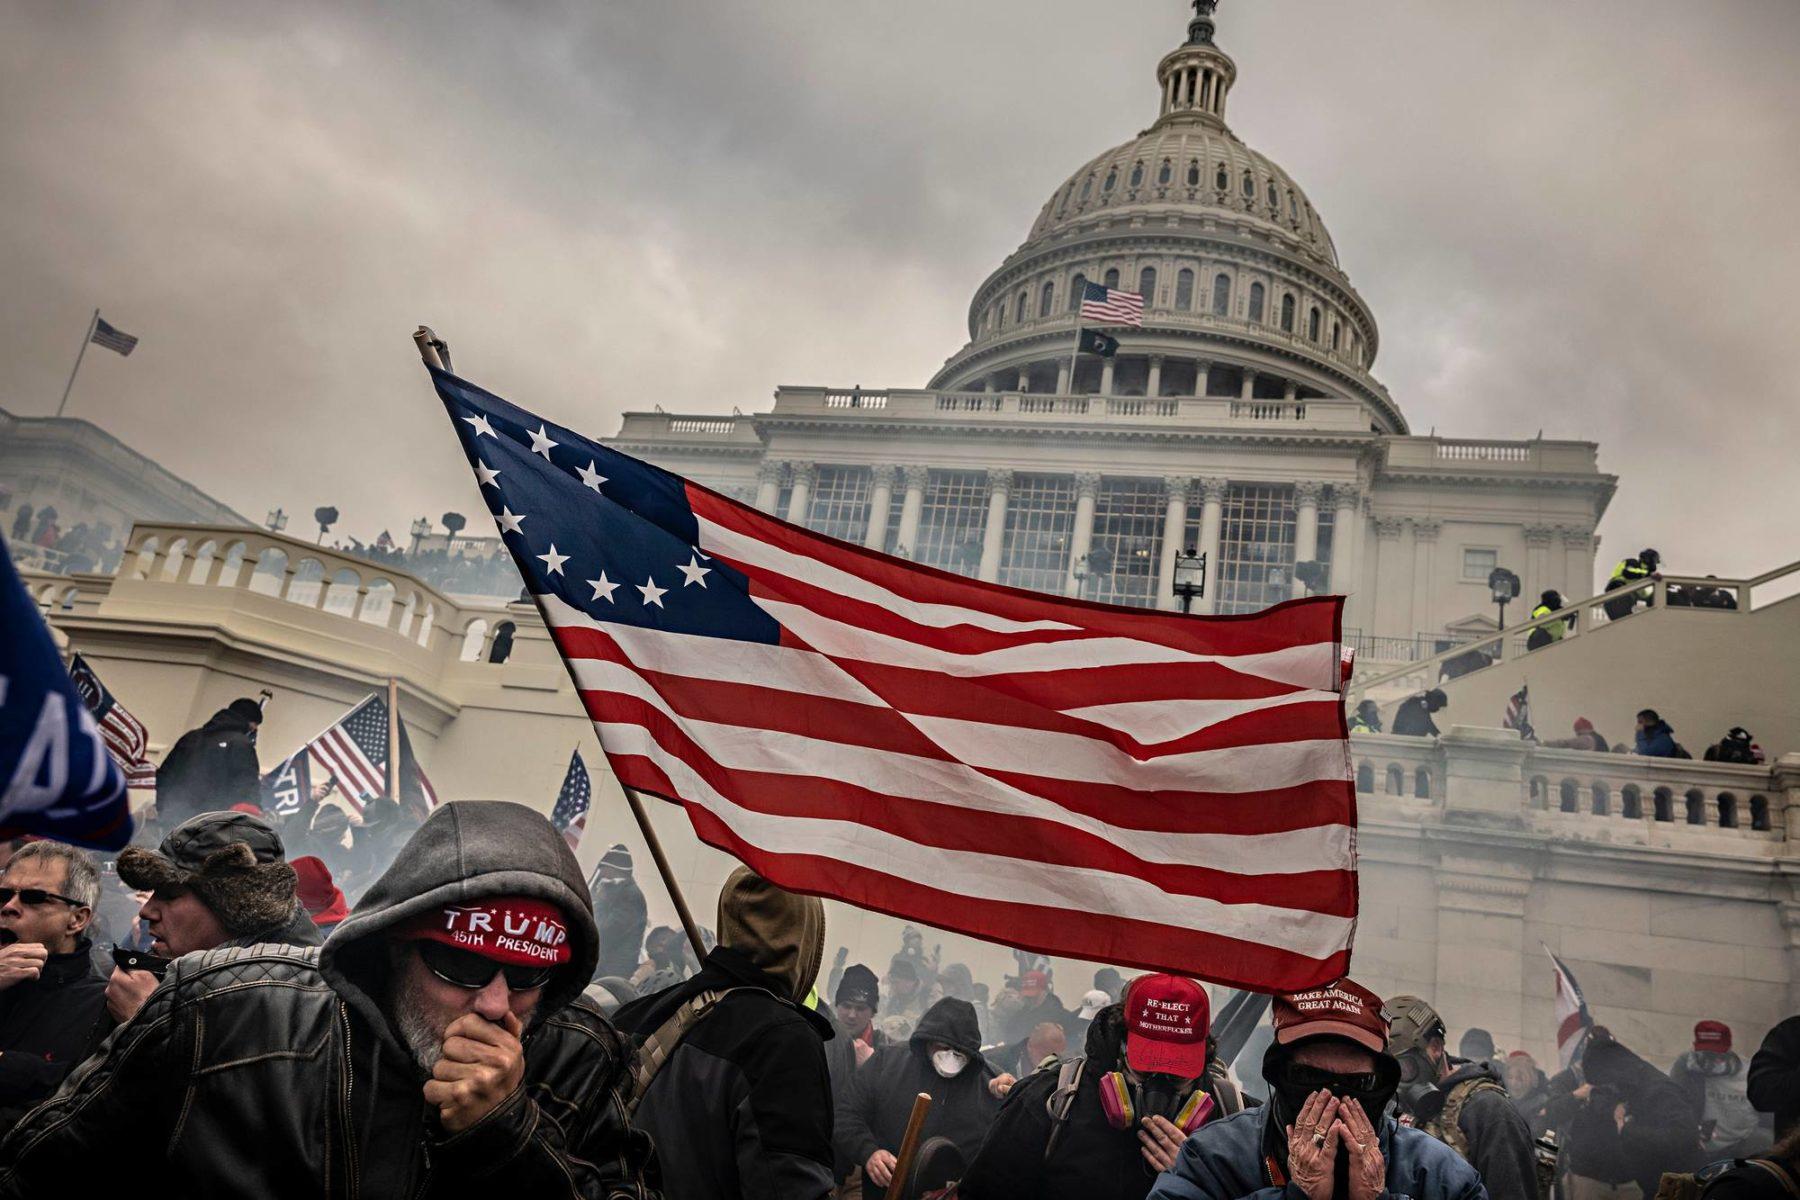 Presidentti Donald Trumpin tukijat mellakoivat kongressitalolla Washingtonissa 6. tammikuuta 2021.